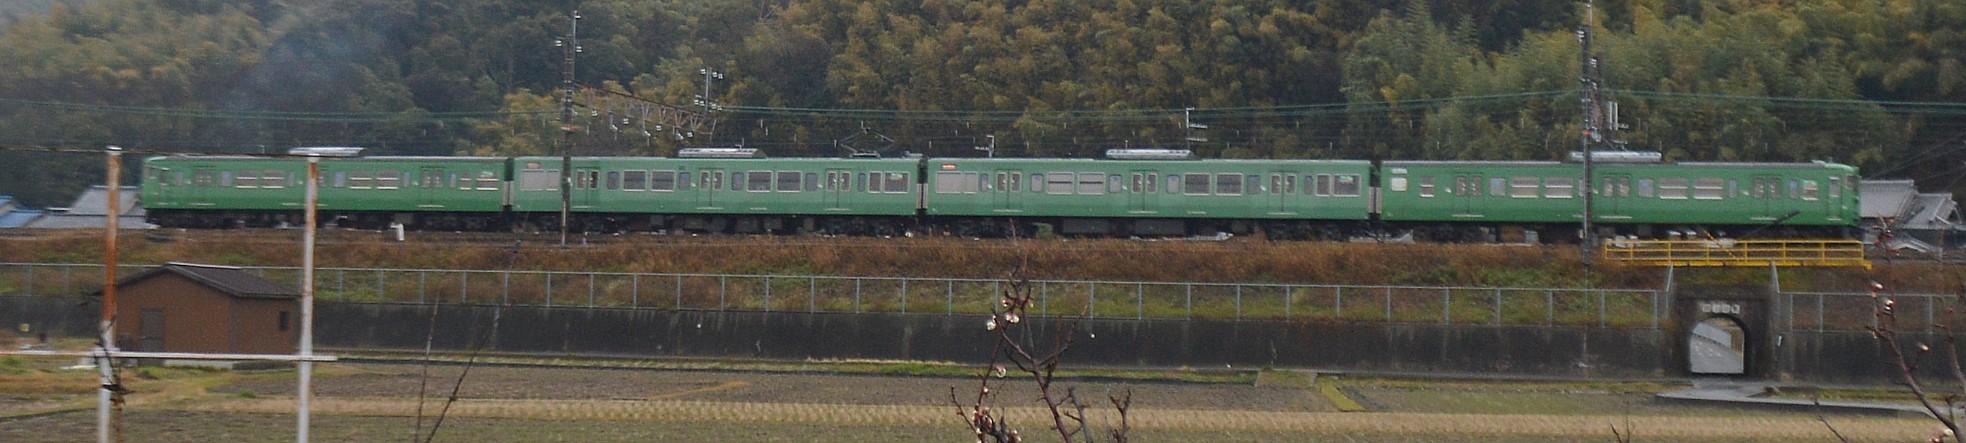 DSC_4463s.jpg